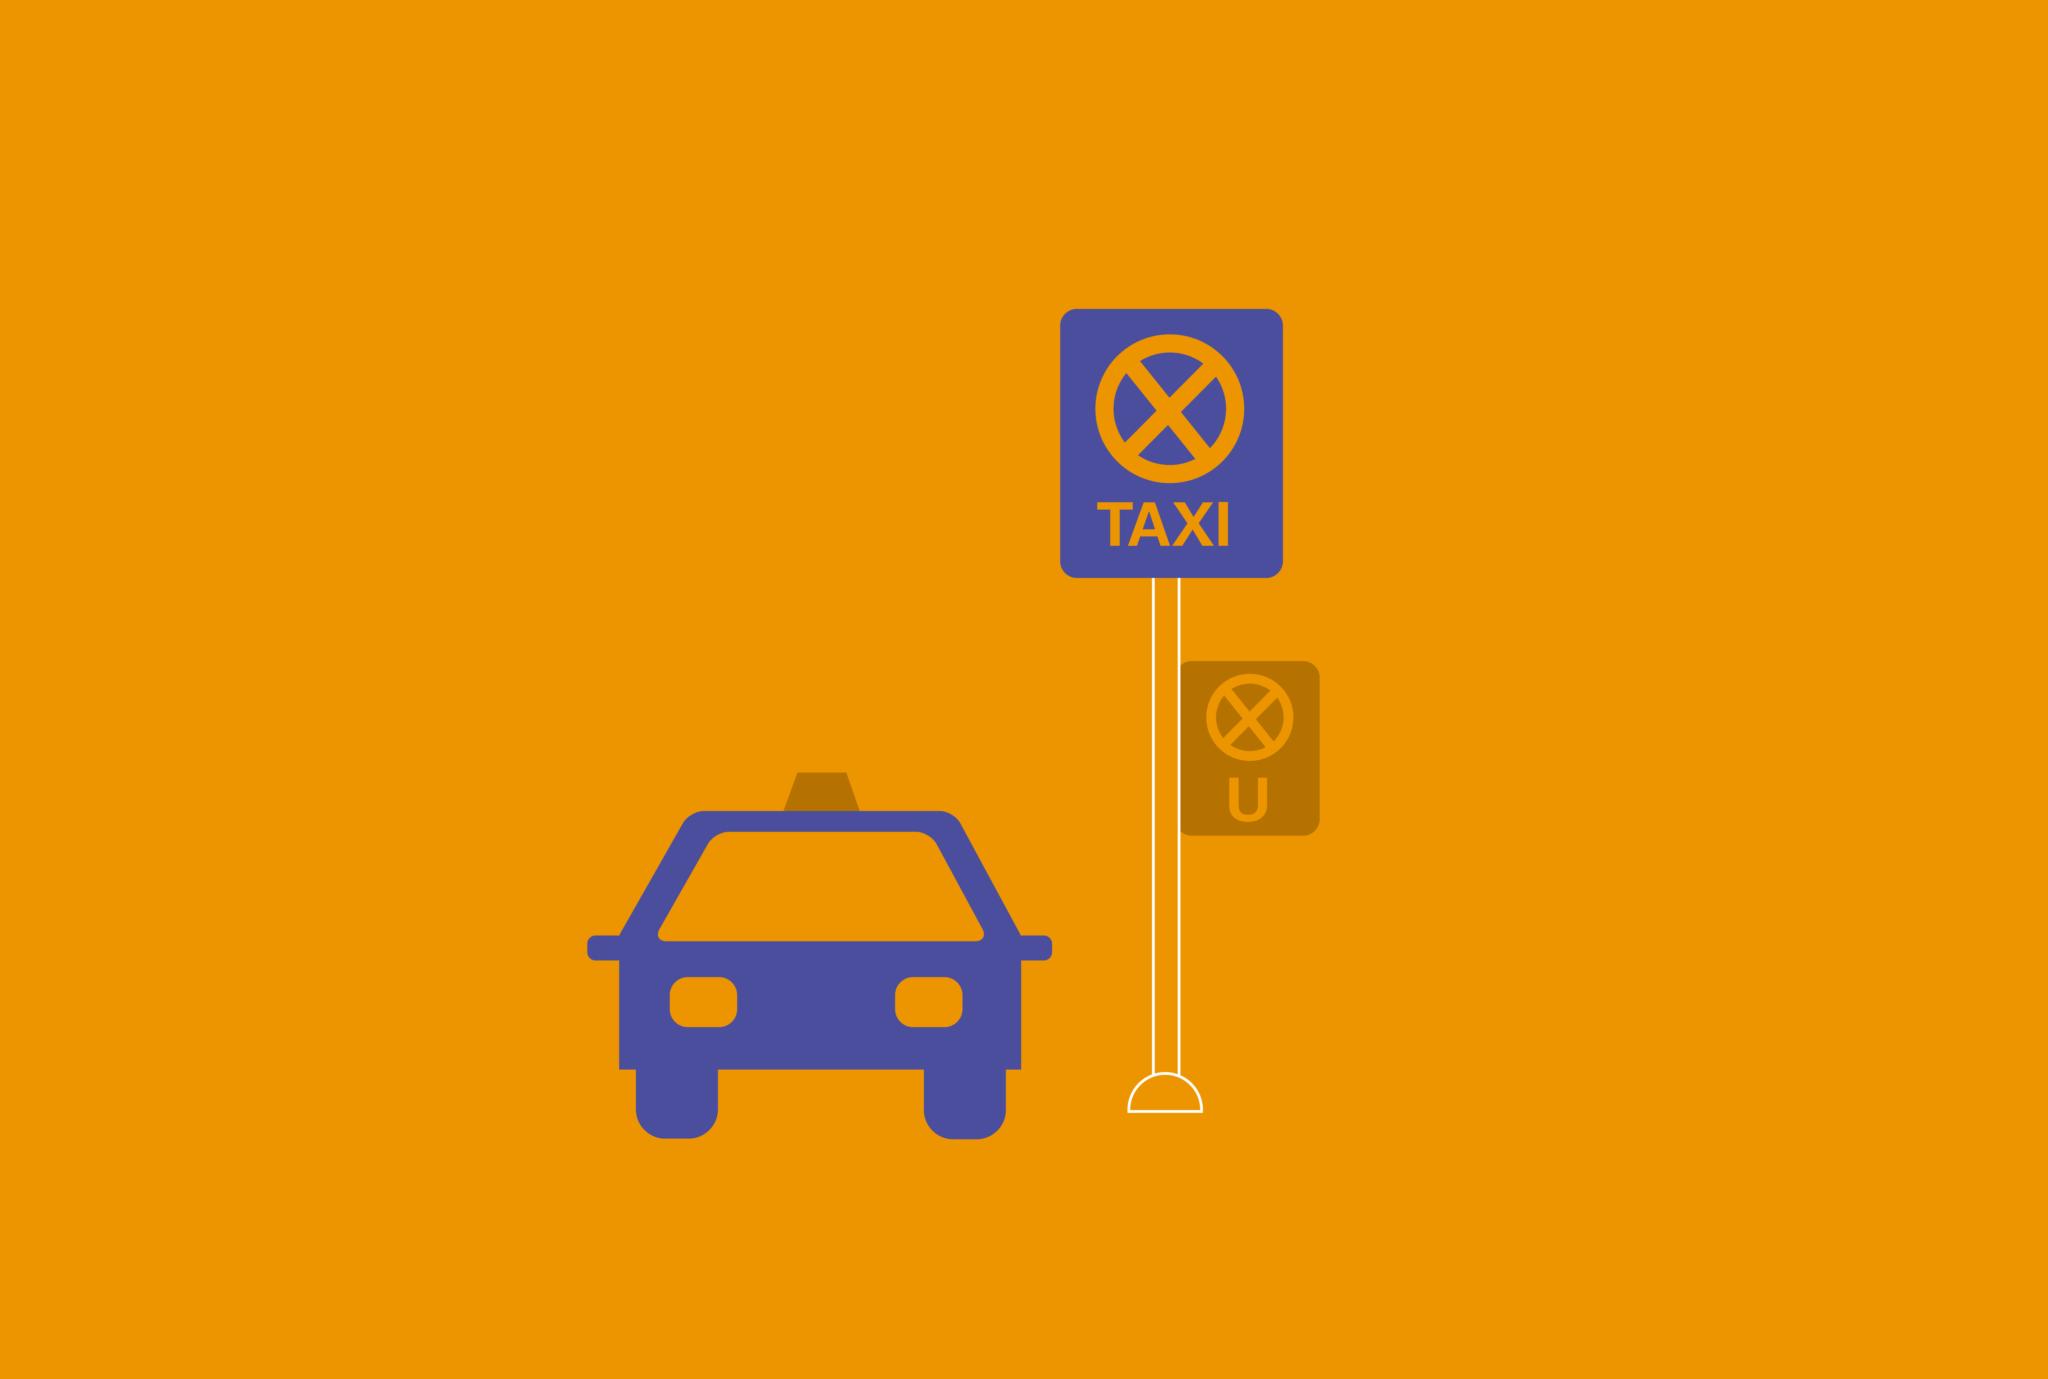 Der Konflikt zwischen klassischem ÖPNV und Sharing-Angeboten – Teil 2: Taxis